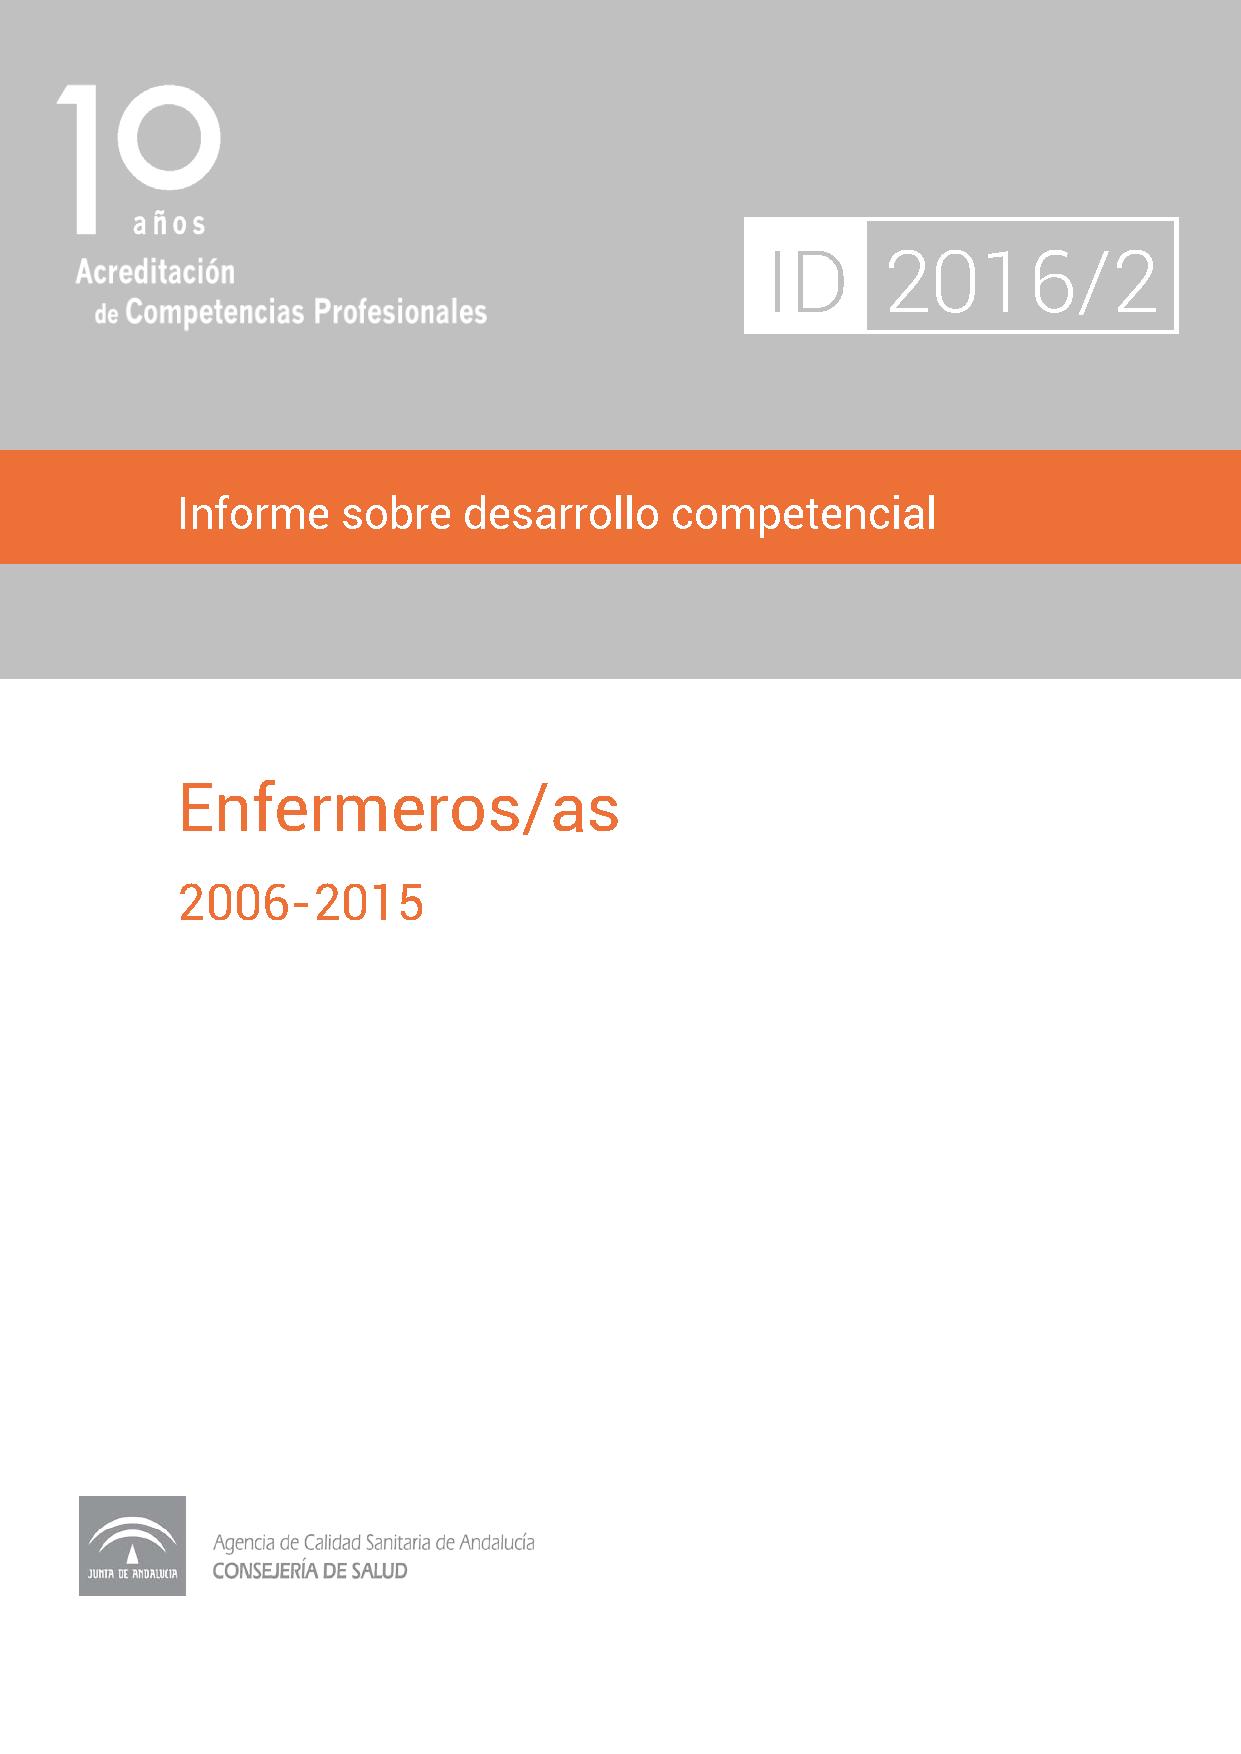 Informe sobre desarrollo competencial - Enfermeros/as